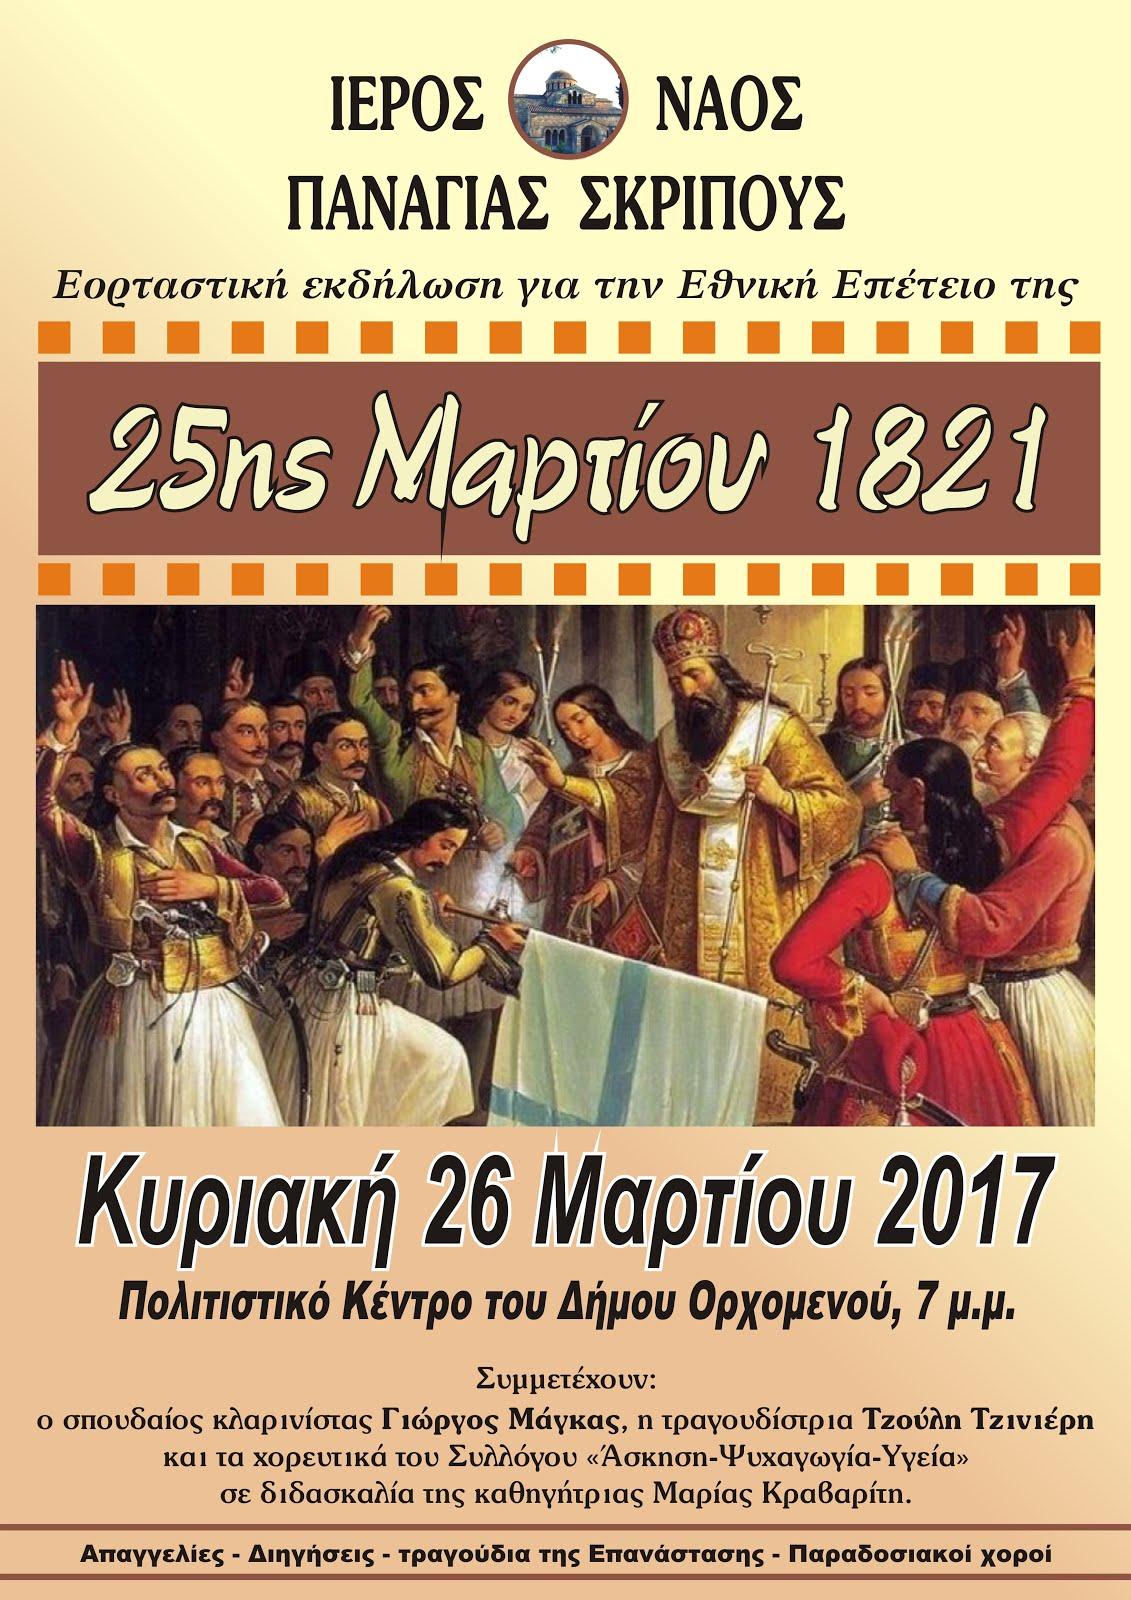 Εορταστική εκδήλωση για την 25η Μαρτίου